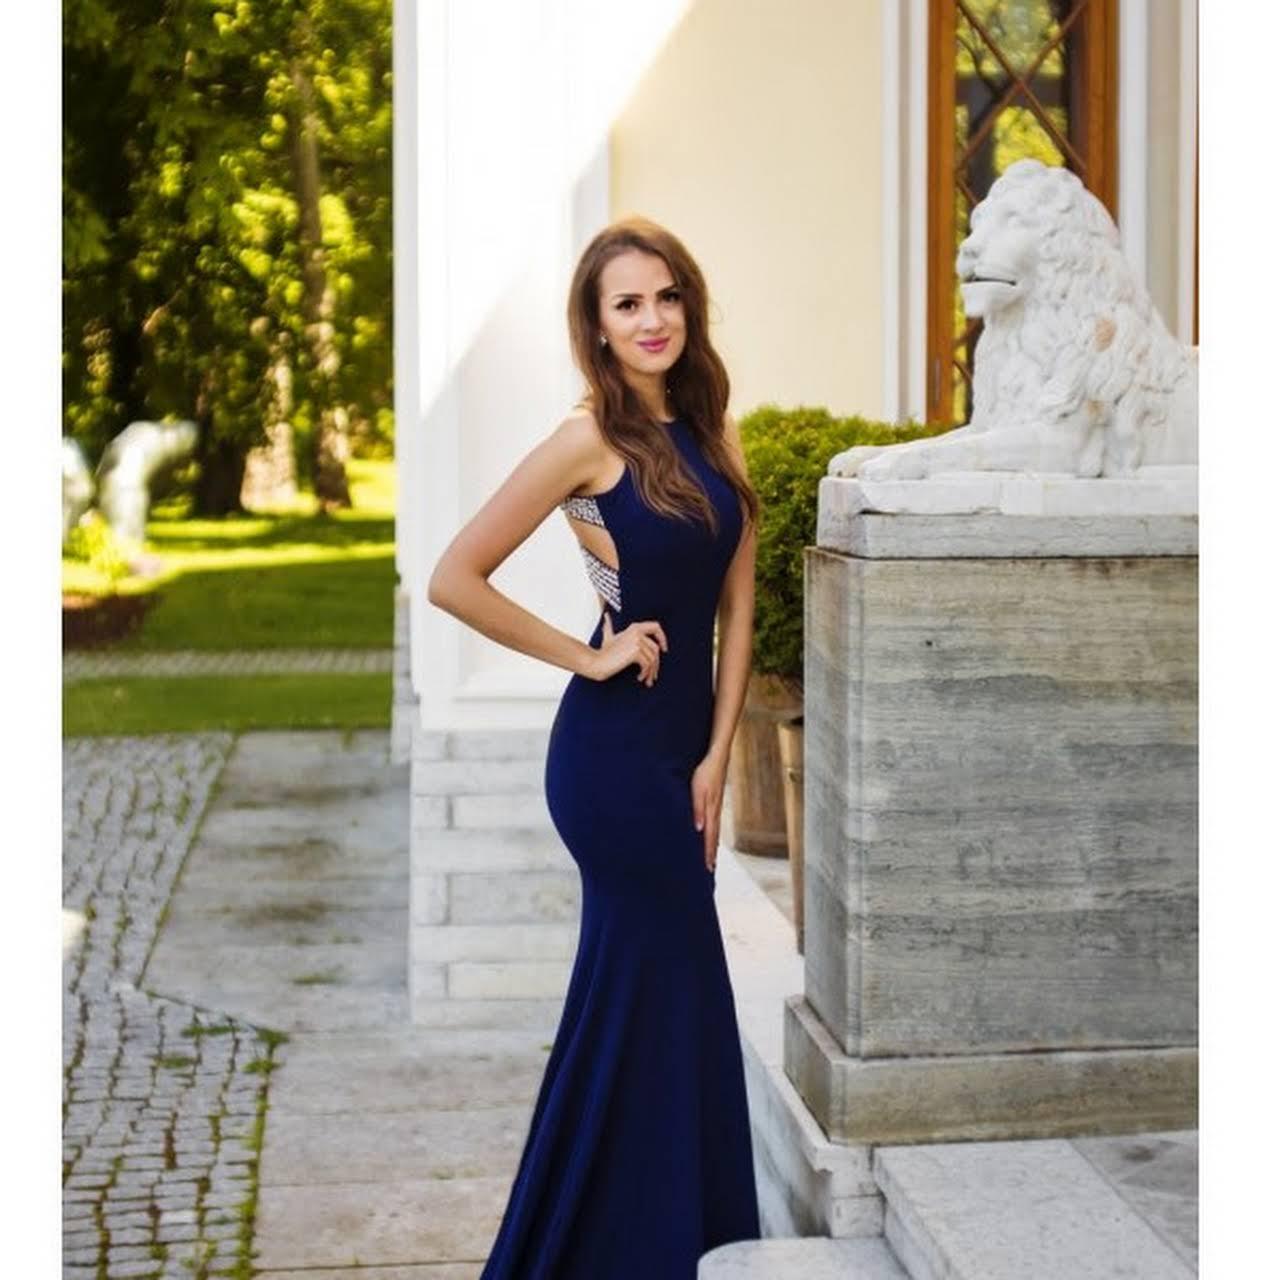 MissKyra Wedding Dress Factory - Dress Store in Villach